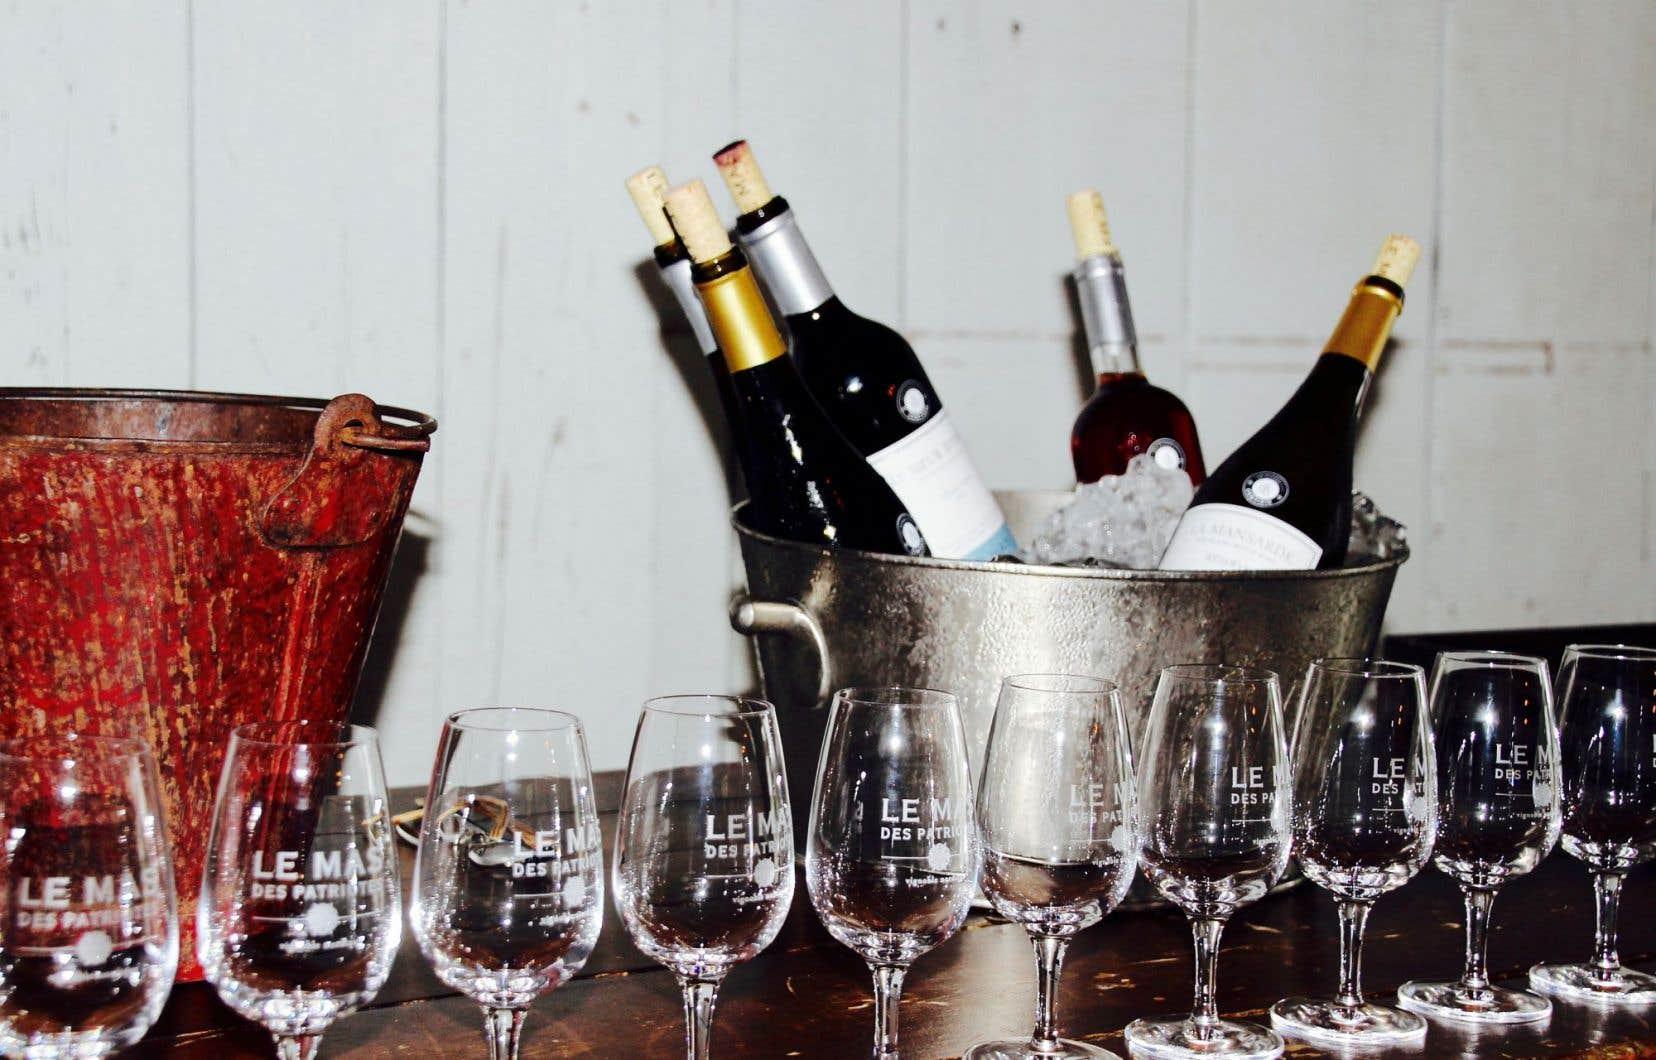 Le Mas des patriotes, à Saint-Jean-sur-Richelieu, produit annuellement quelque 13000 bouteilles de vin.